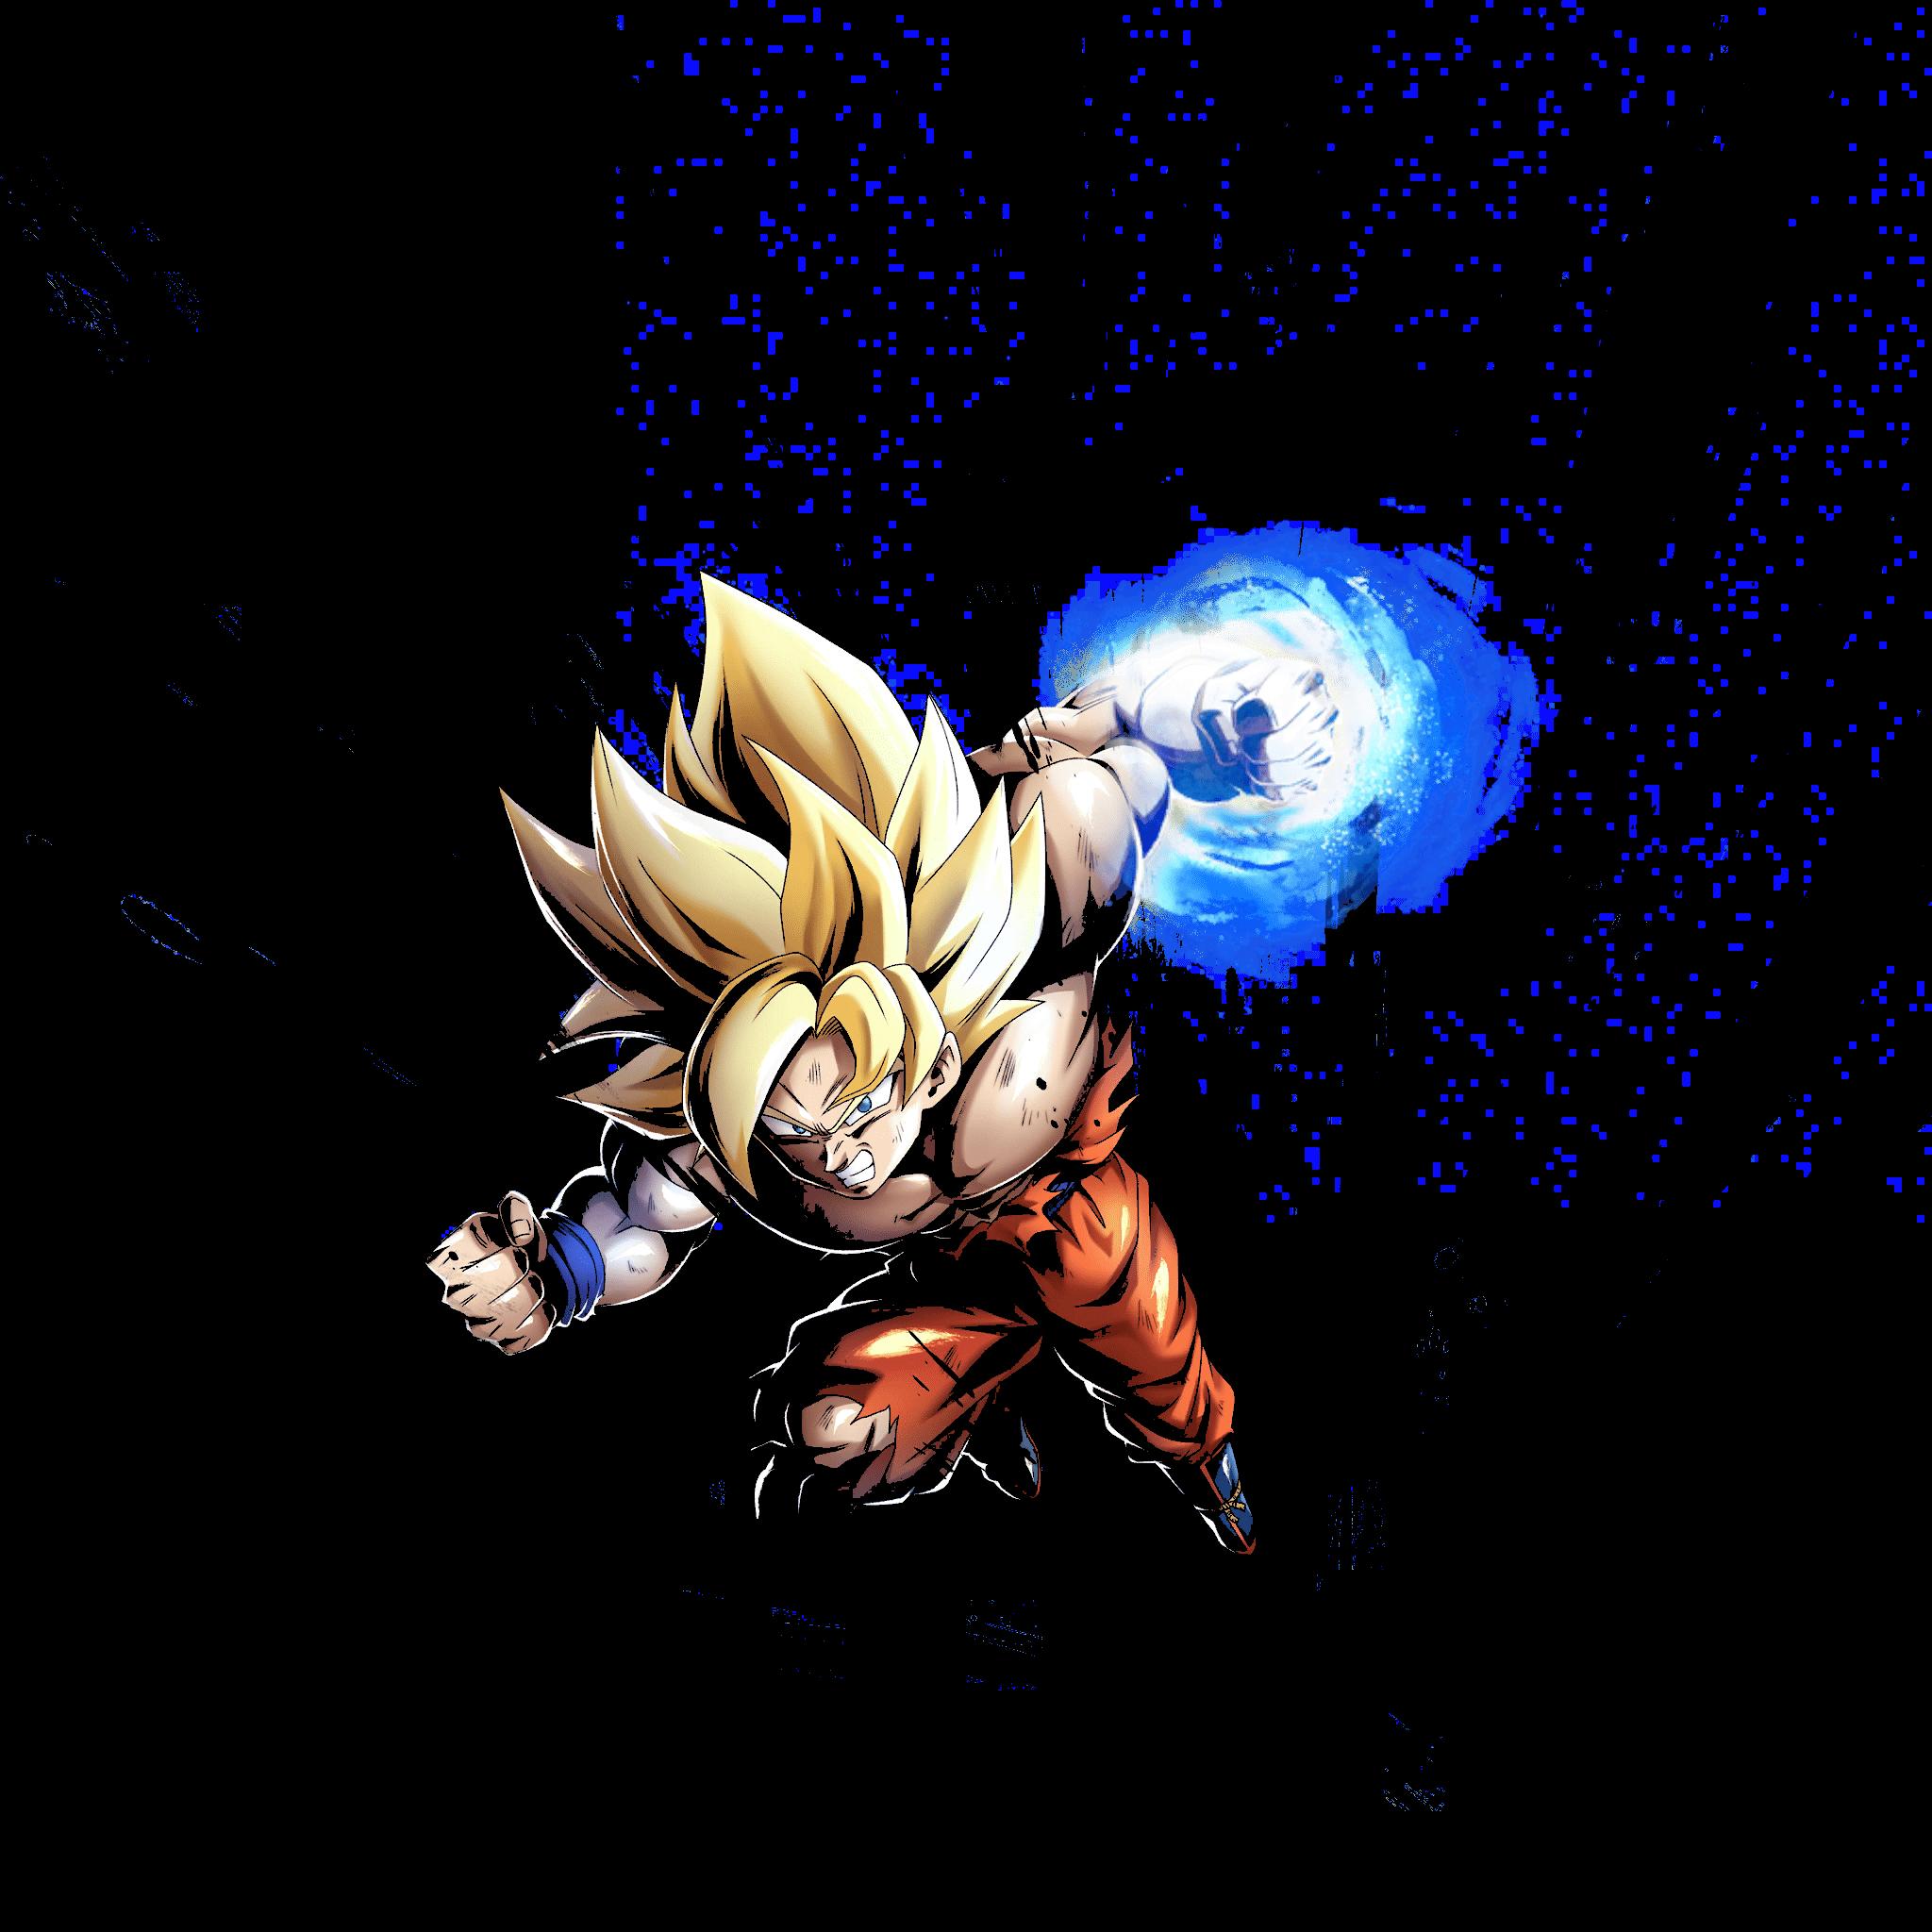 2048x2048 Super Saiyan Goku Amoled Hình nền: DragonballLeosystem